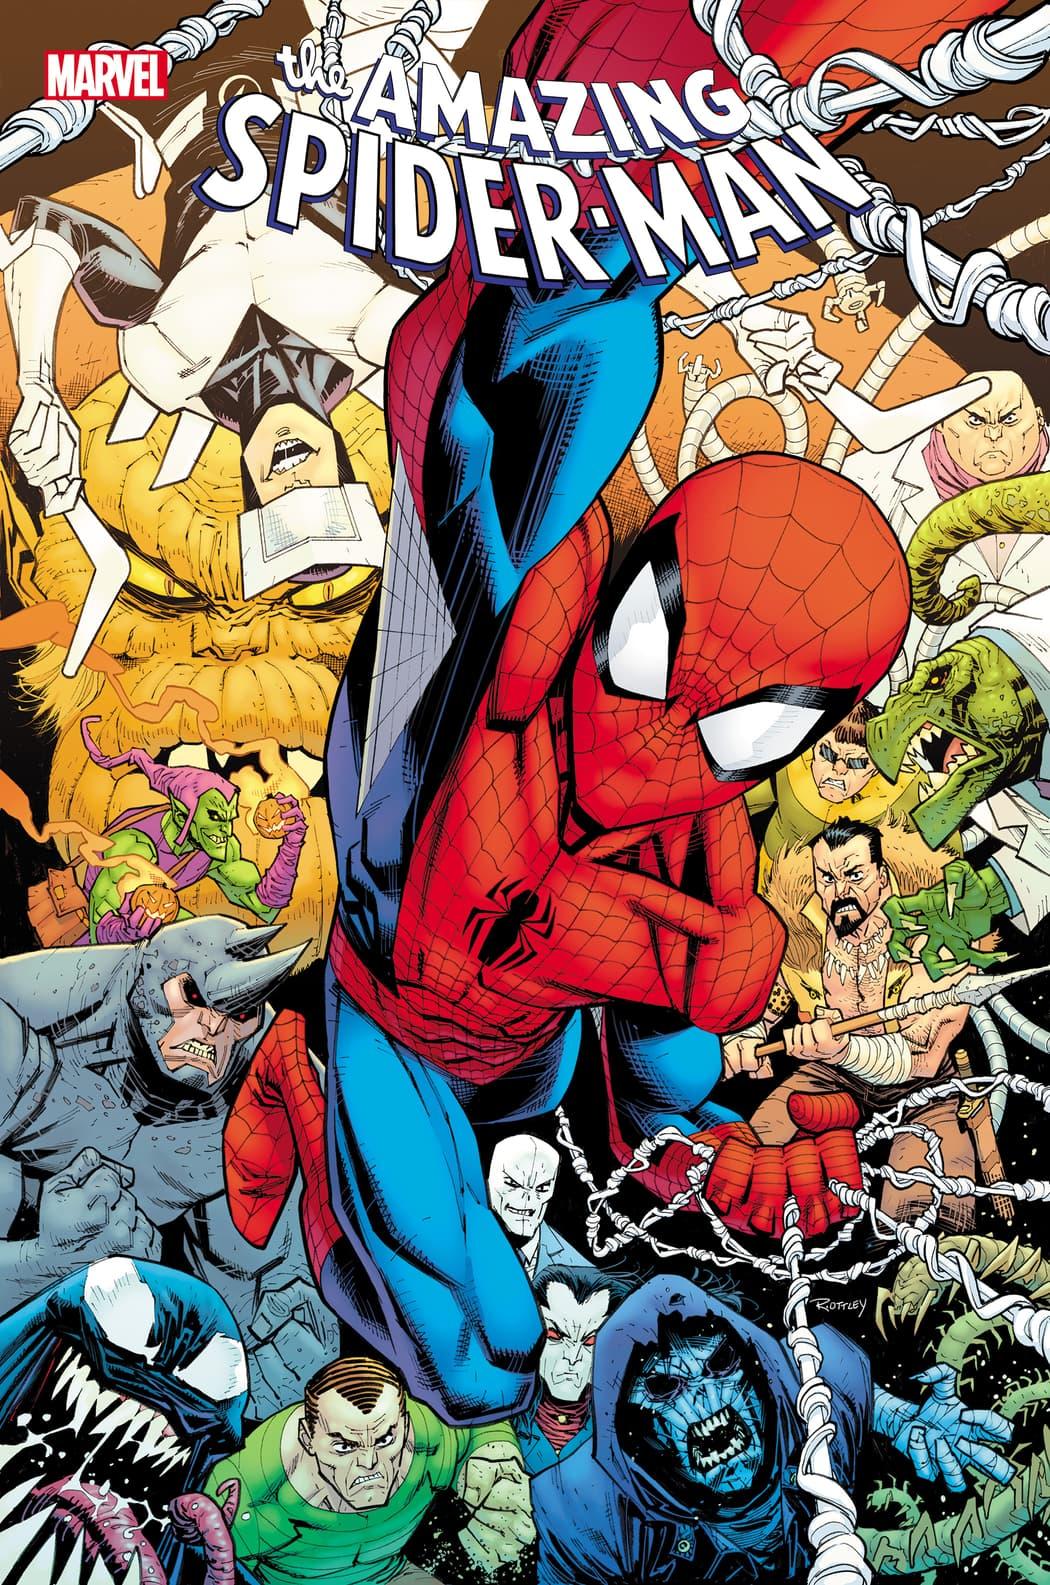 Amazing Spider-Man #850